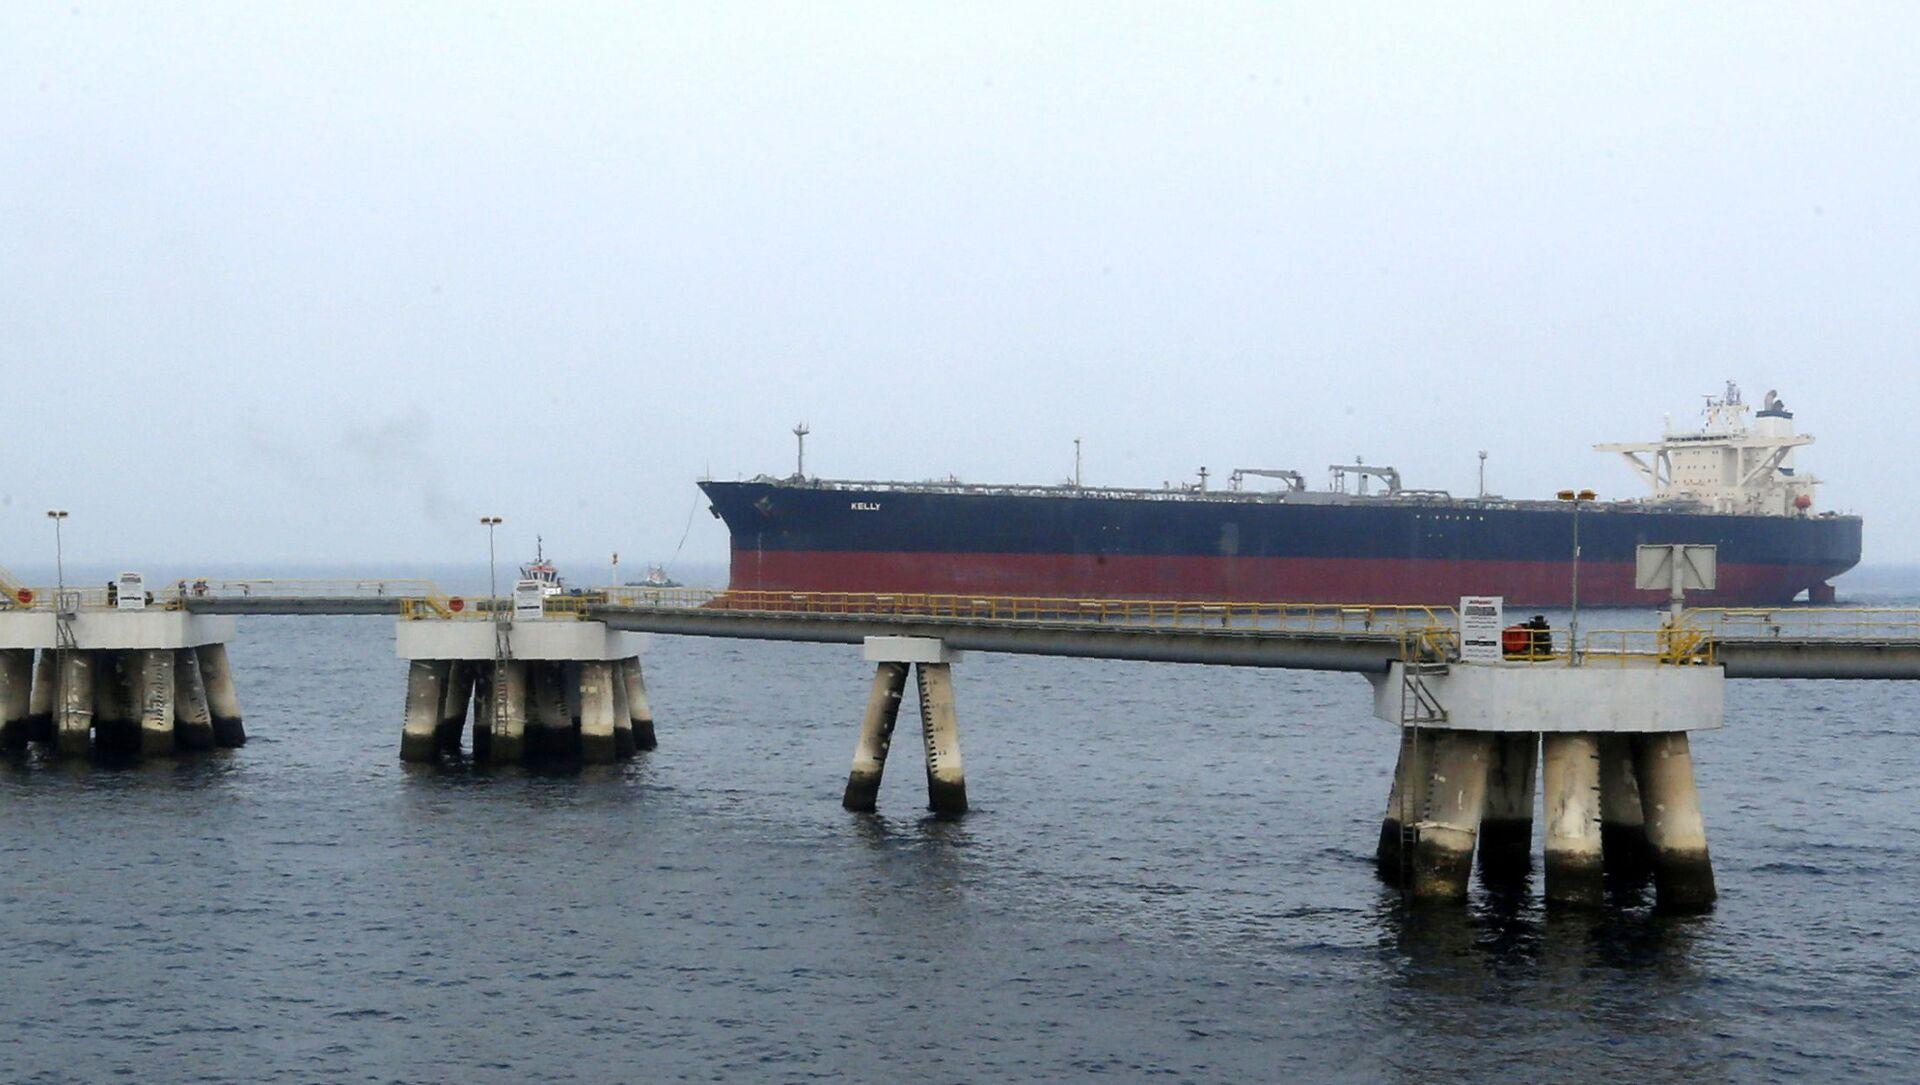 Нефтяной танкер в порту Эль-Фуджайра - Sputnik Italia, 1920, 04.03.2021